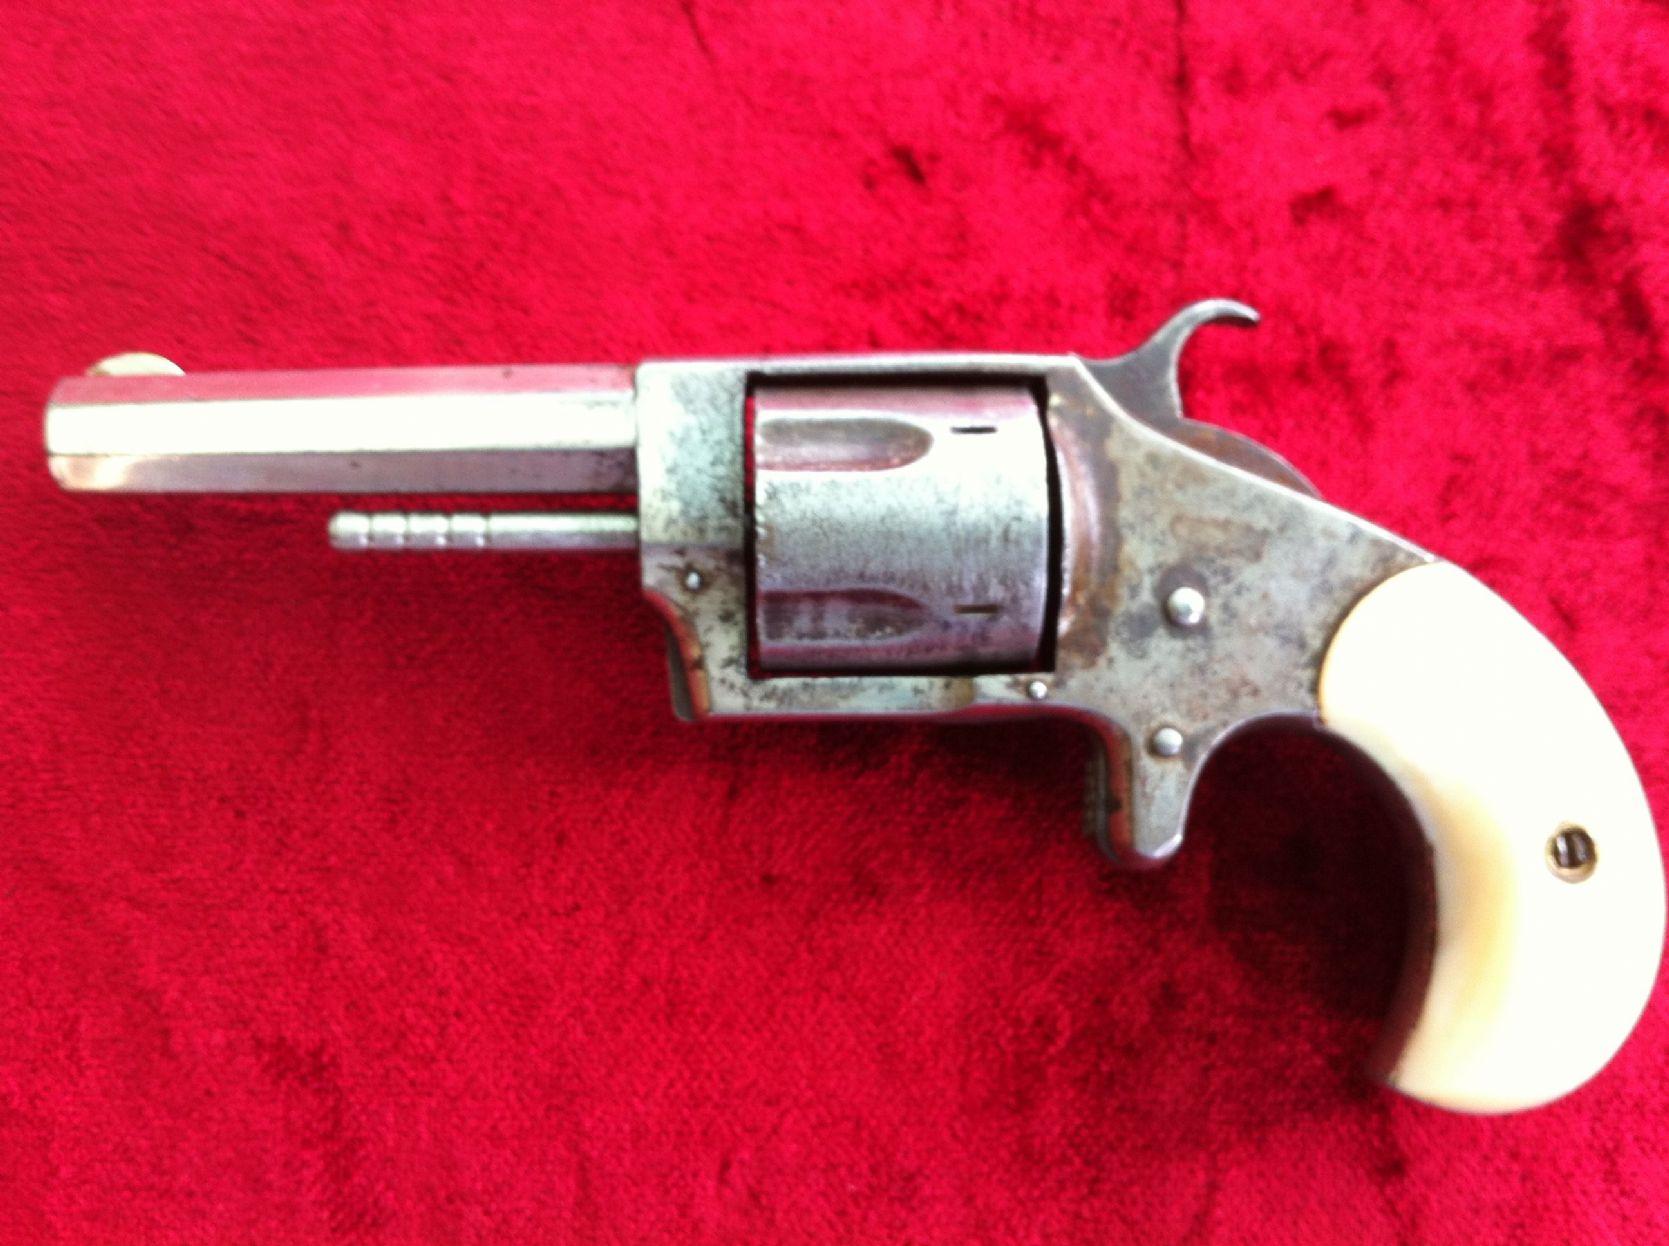 X X X SOLD X X X A Gamblers pistol - American  32 rimfire Sterling